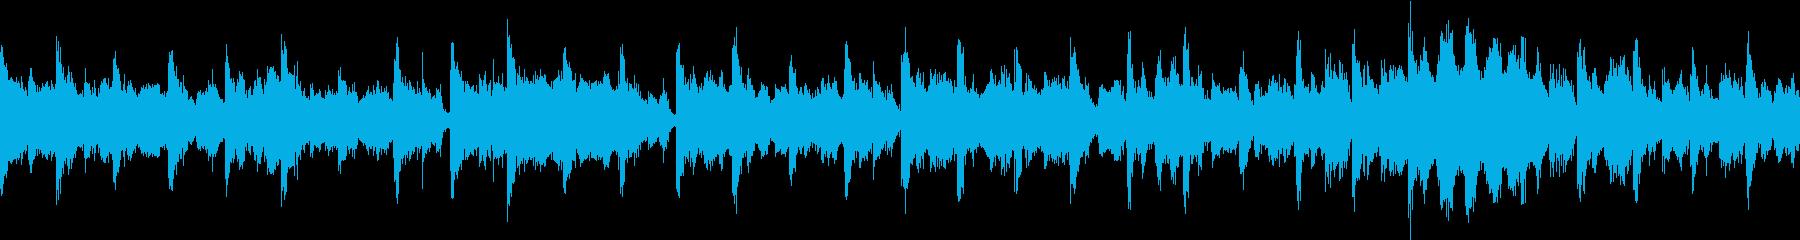 幻想的なループの再生済みの波形